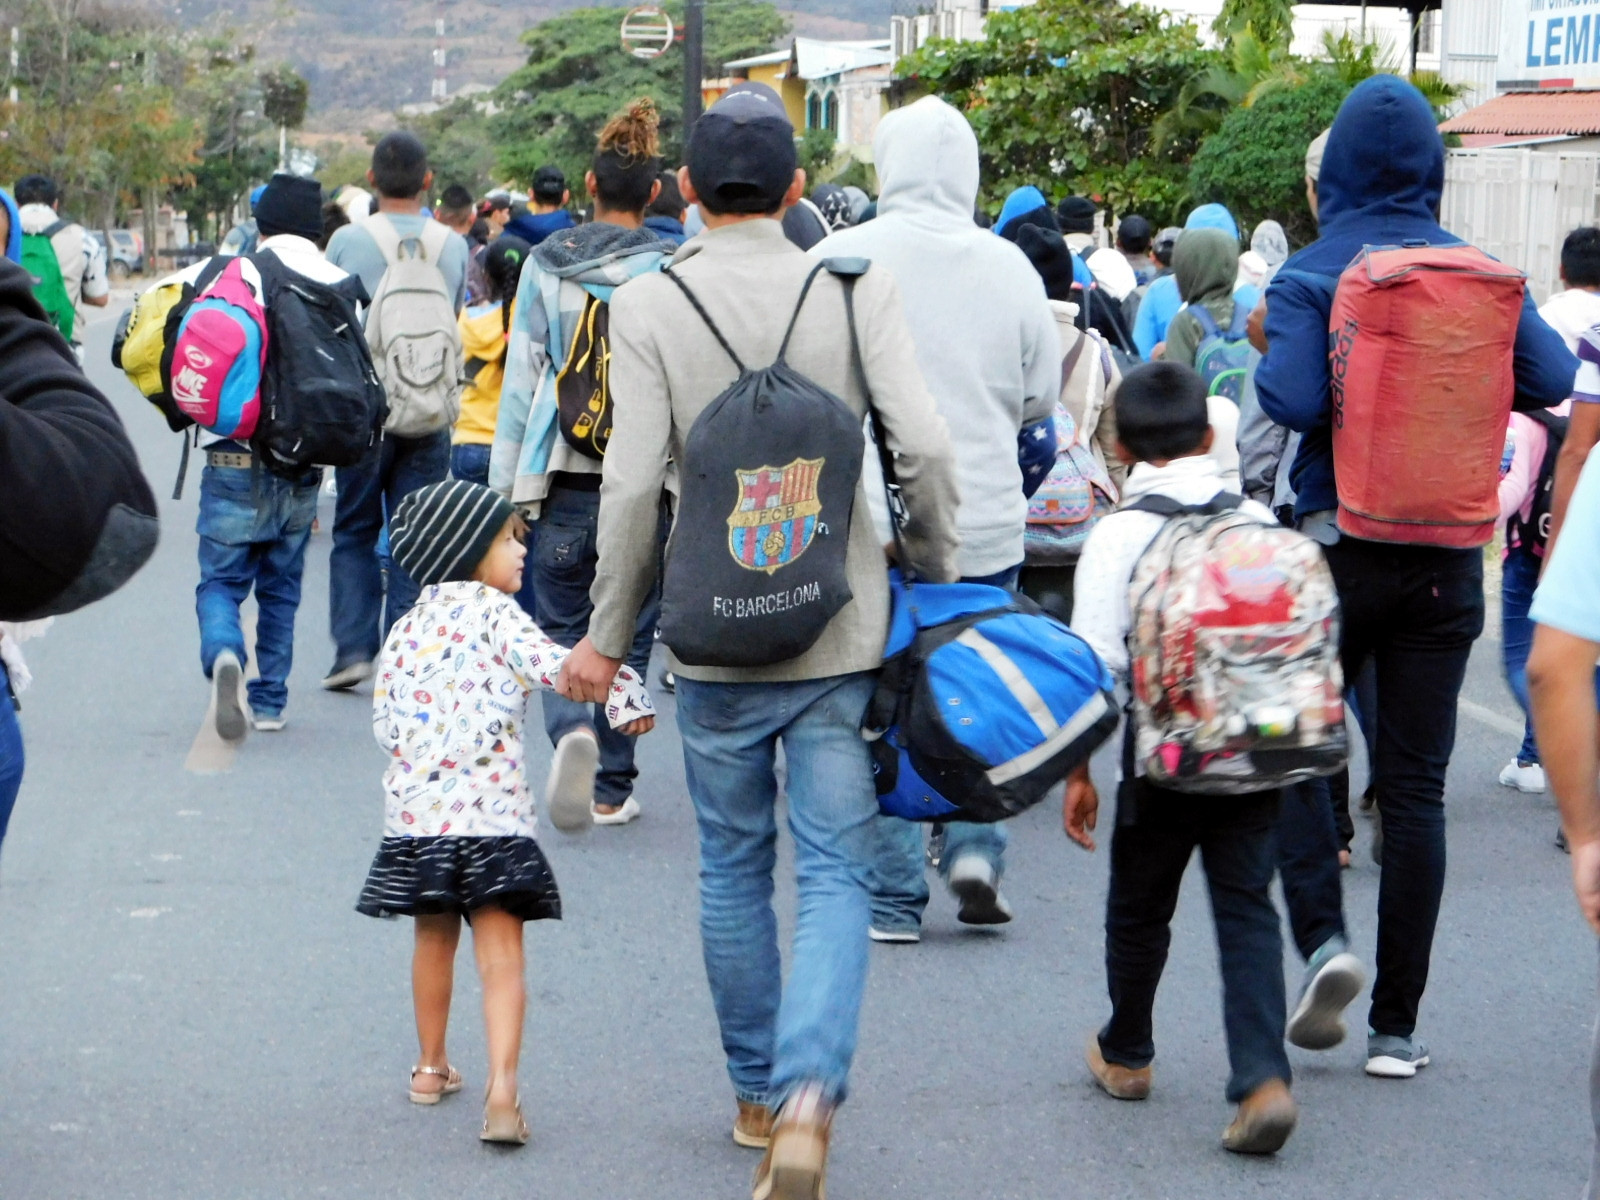 """Los Estados Unidos de América lleva mucho tiempo intentando firmar acuerdos de """"tercer país seguro"""" con otros países, lo que le permitiría devolver a solicitantes de asilo que pasen por otras naciones en su travesía."""